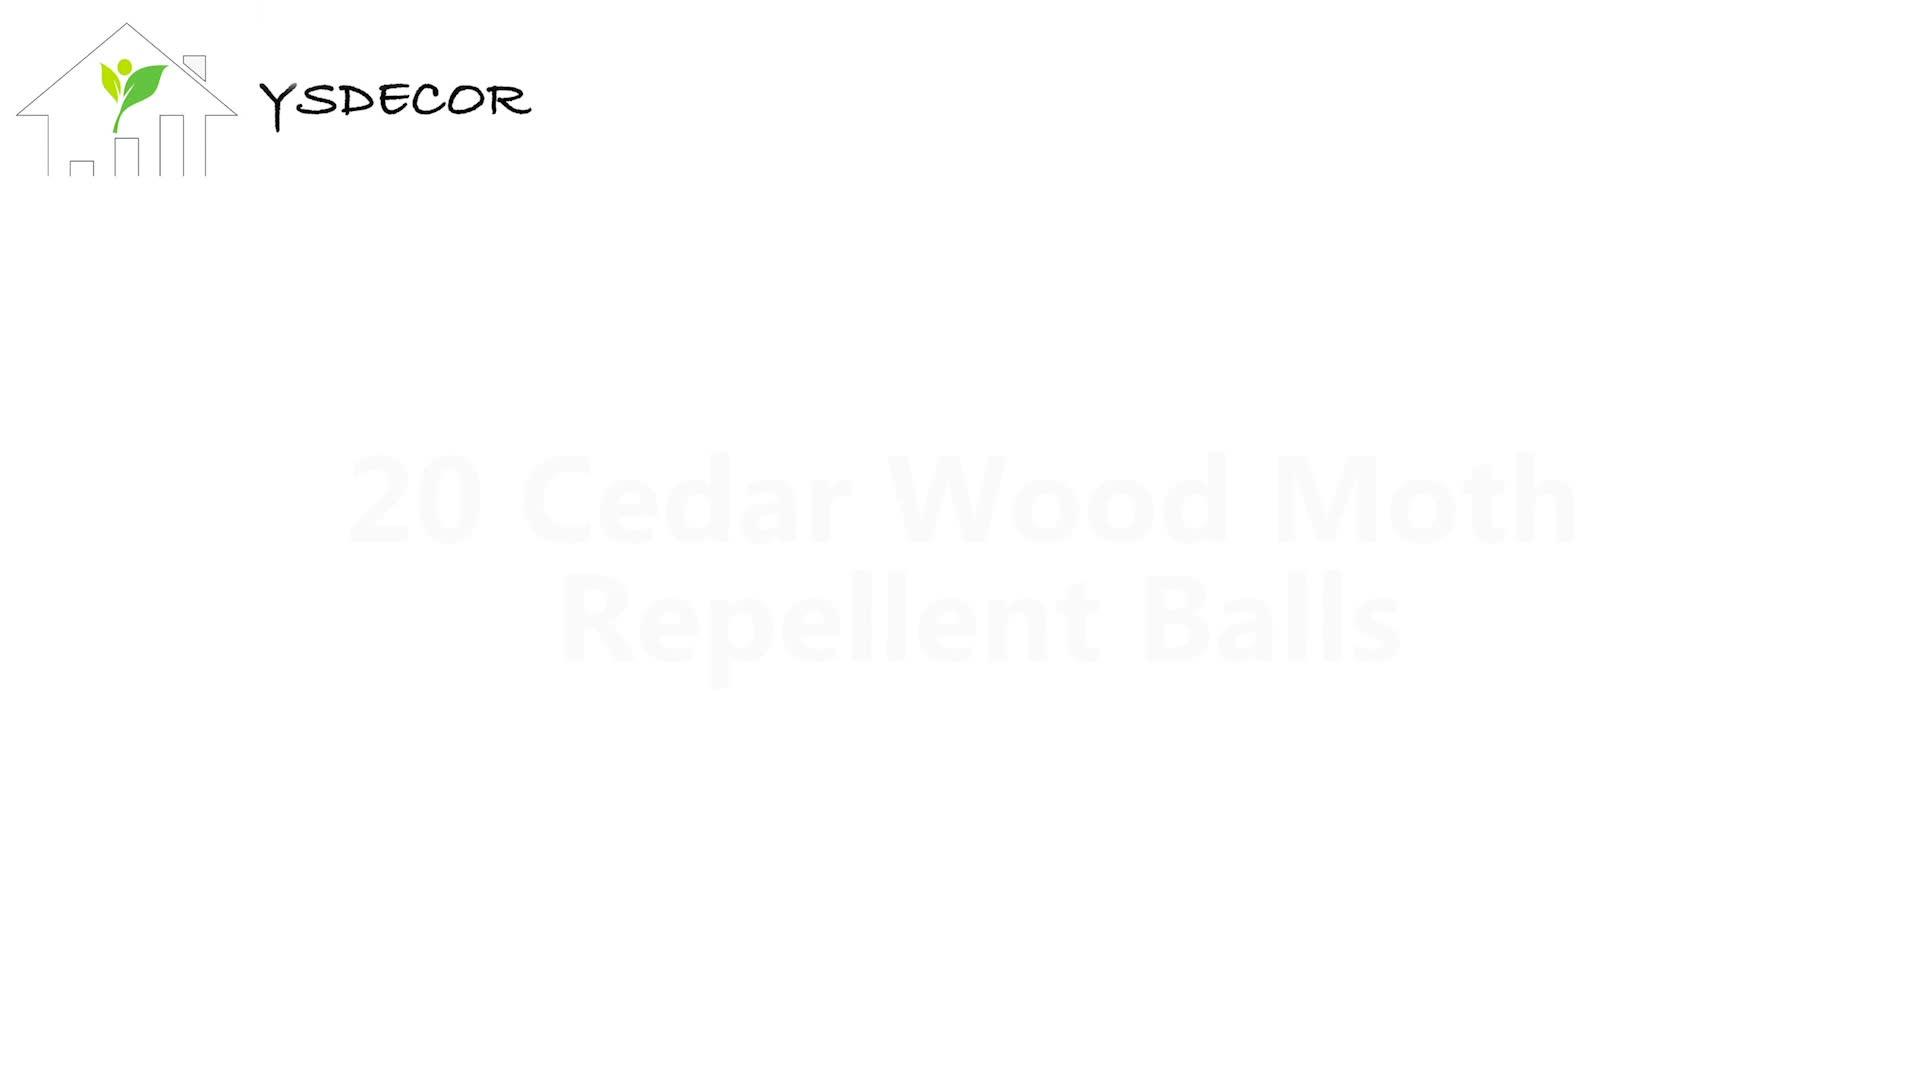 Hot koop factory prijs air frissen geurende cederhout ballen ceder ballen mot afstotende reed diffuser houten bal